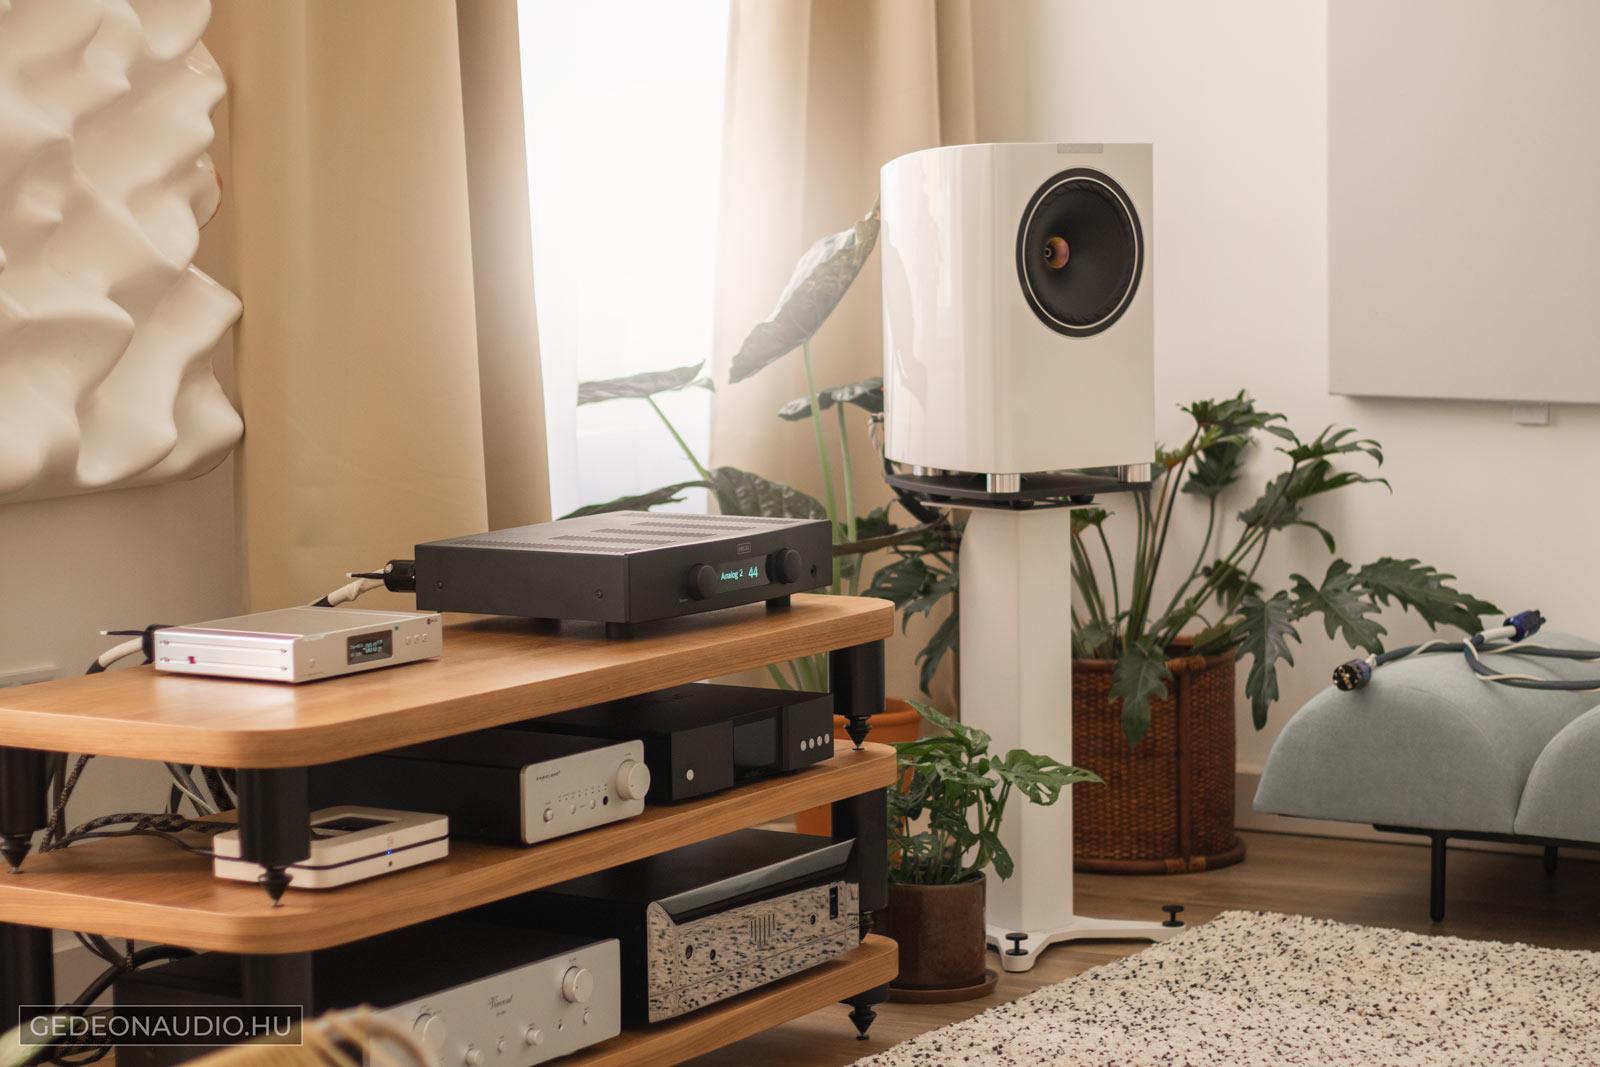 Gedeon Studio Fyne Audio F701 hangal Hegel H95 erősítő